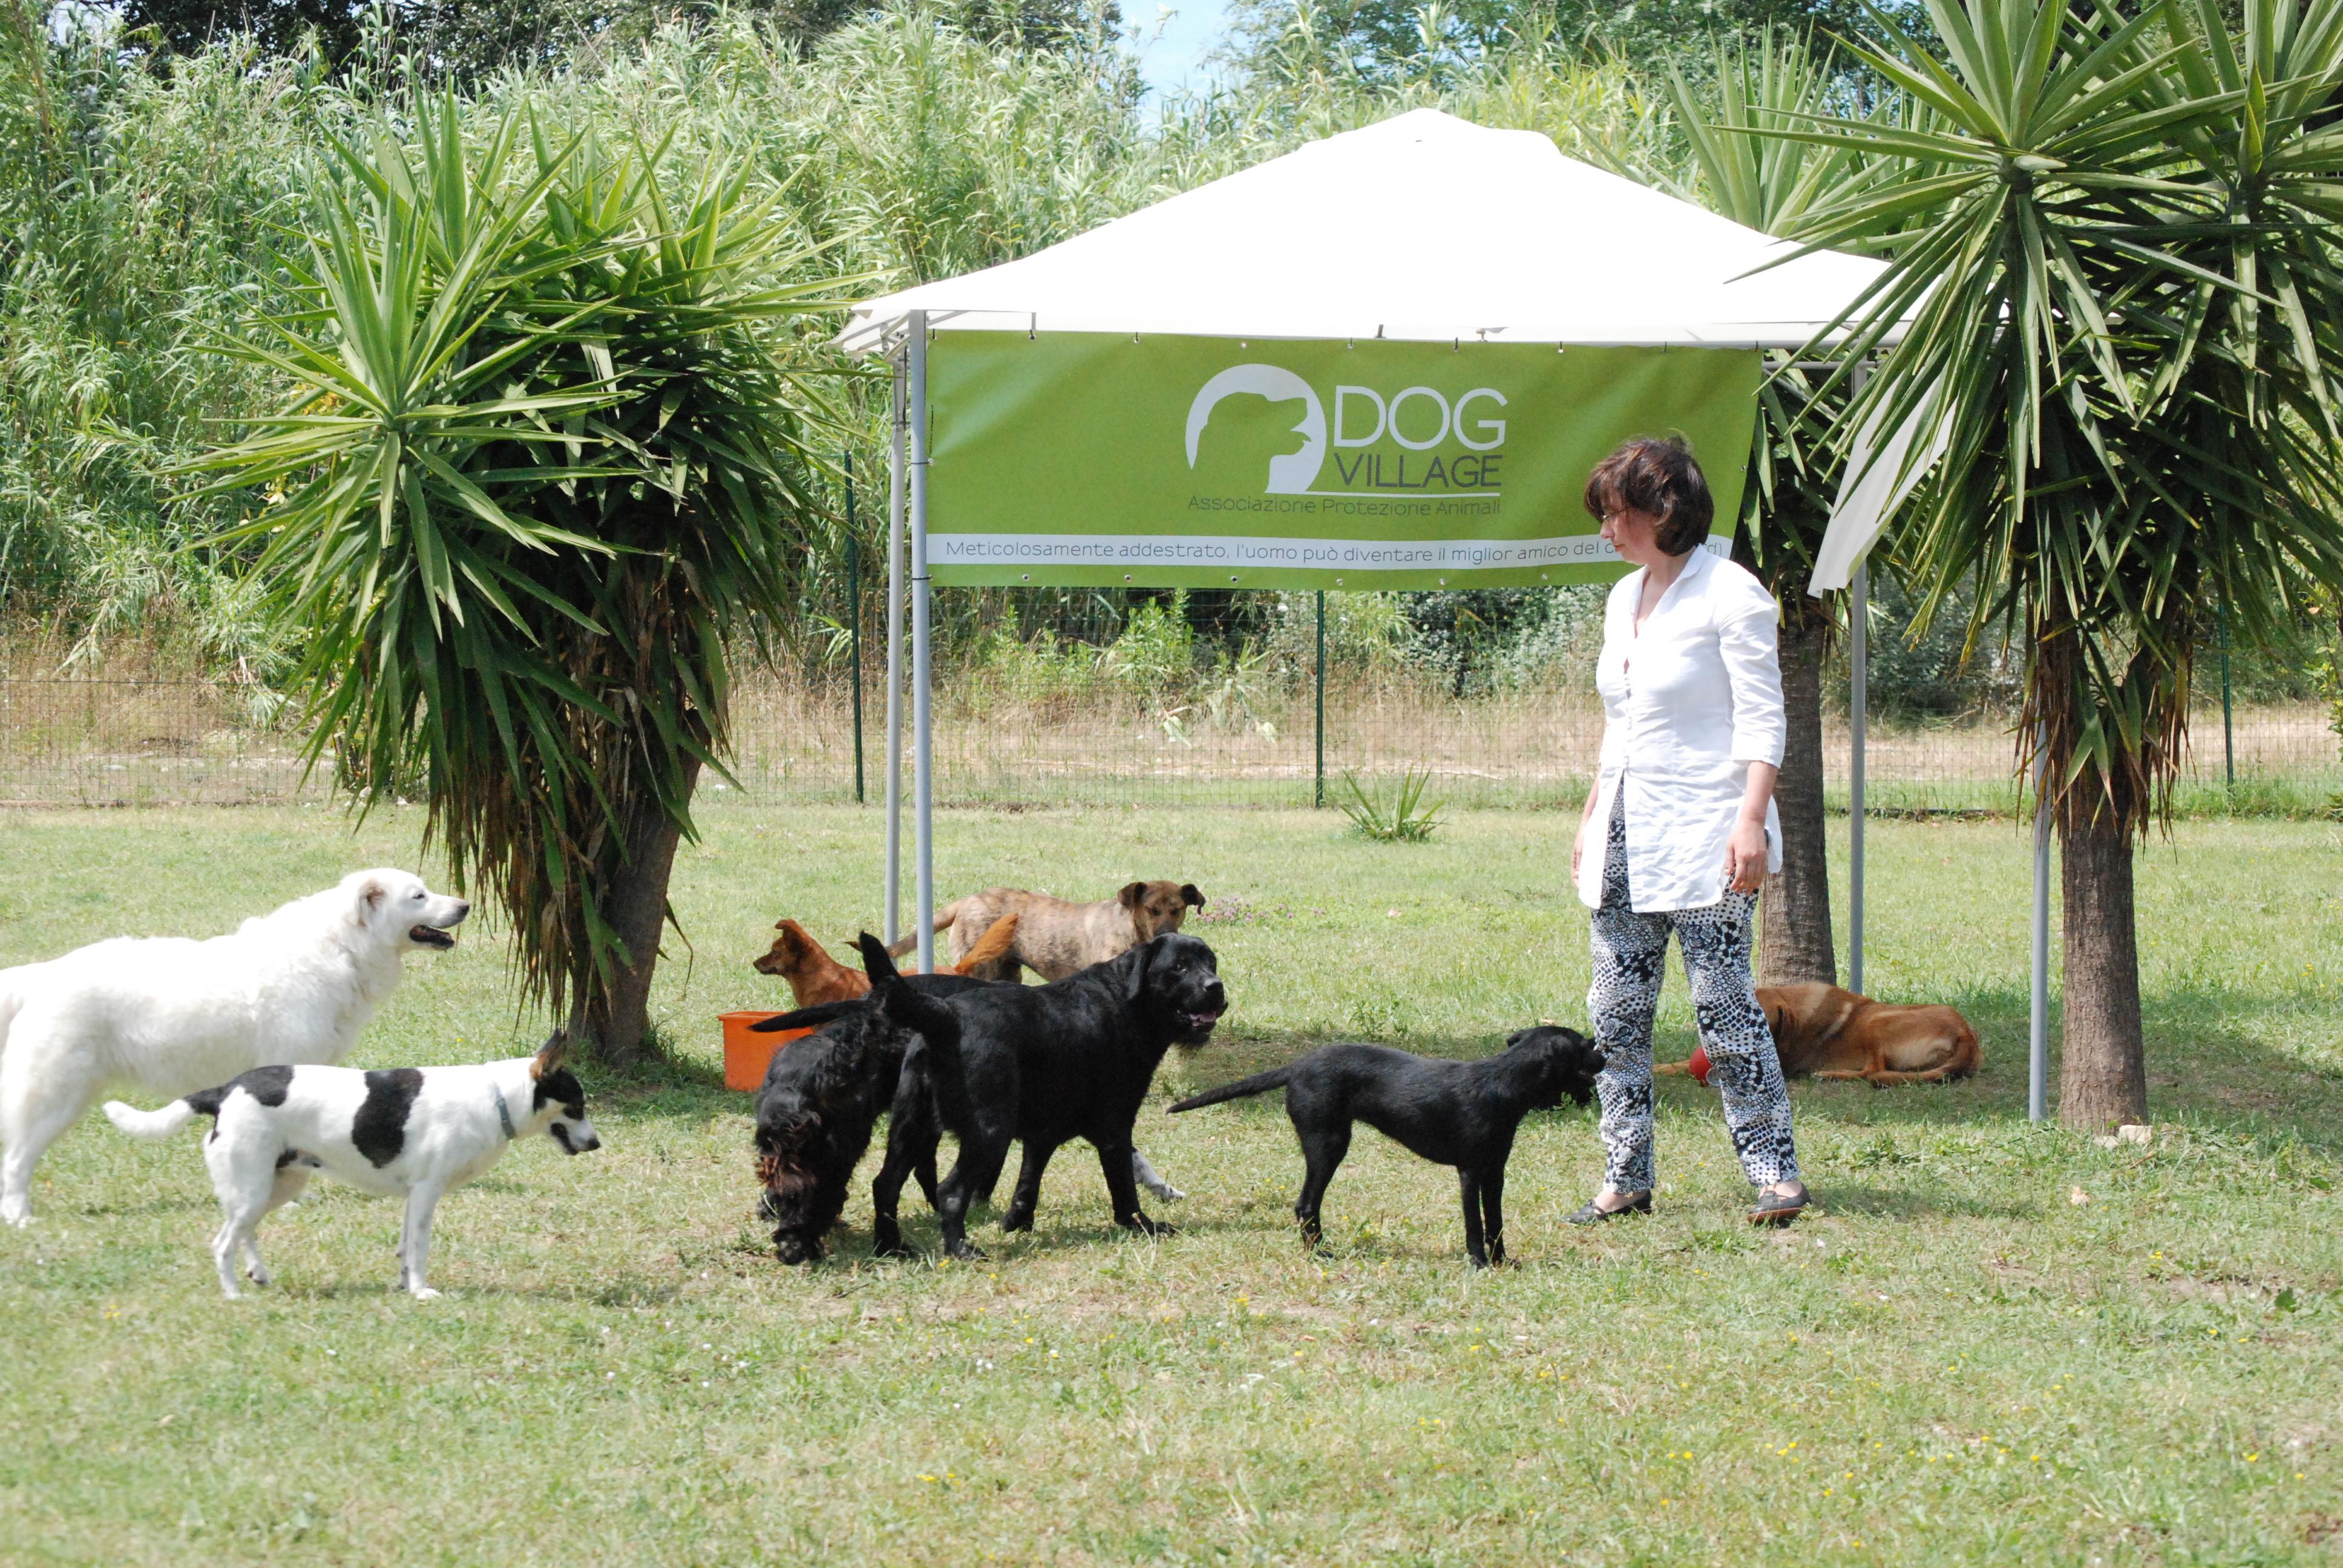 Montesilvano: convenzione tra Comune e Dog village